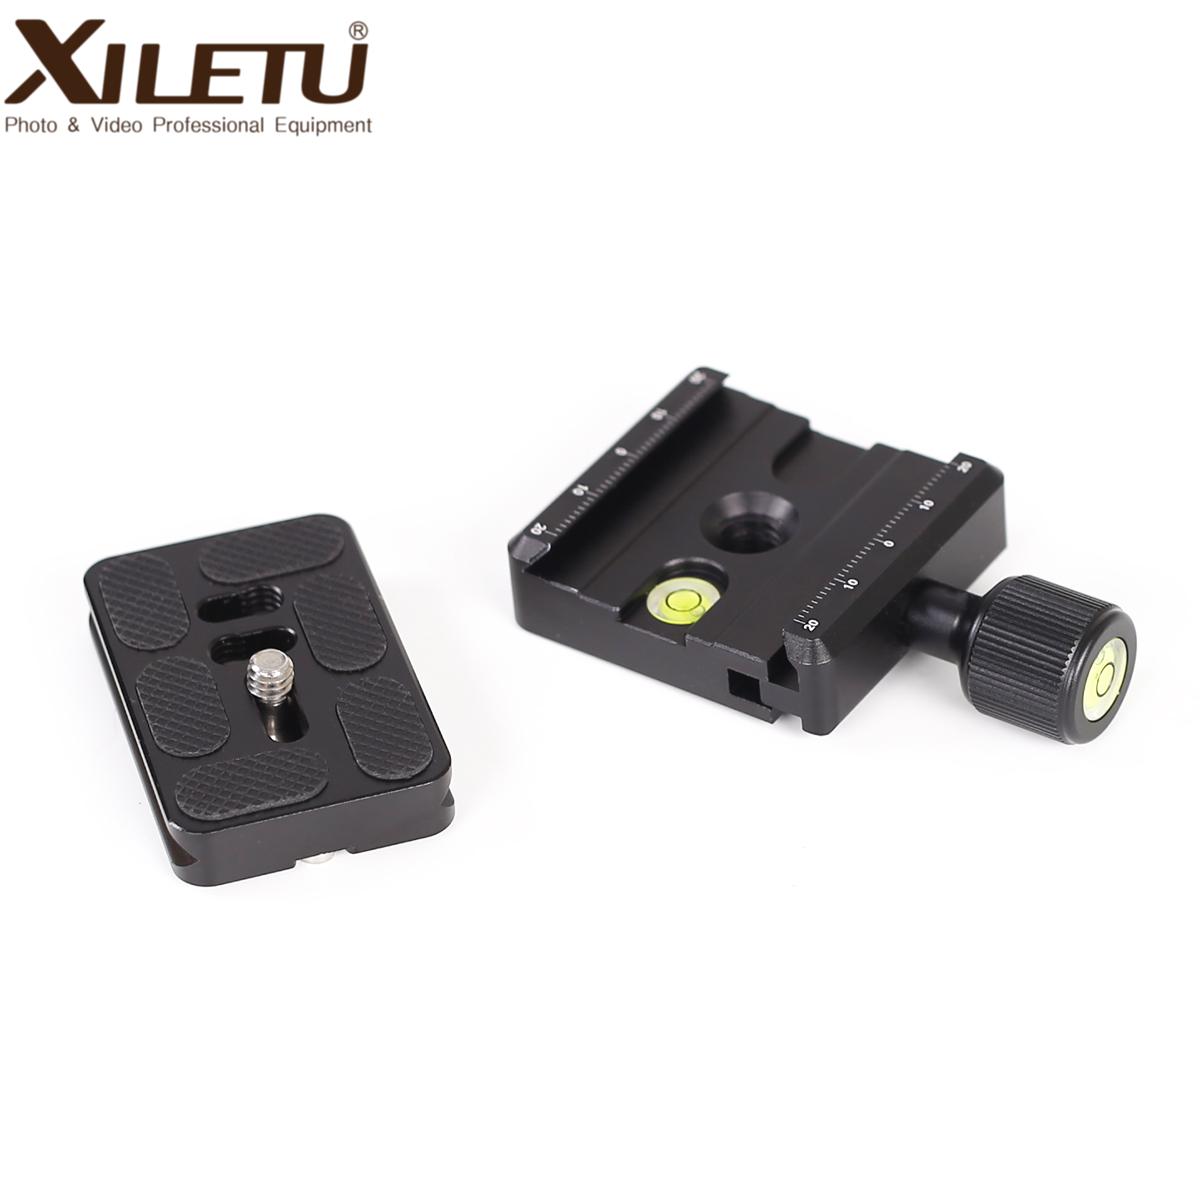 喜乐途 通用快装夹座套装 百诺5D2快速转换座 微距快装板通用底座